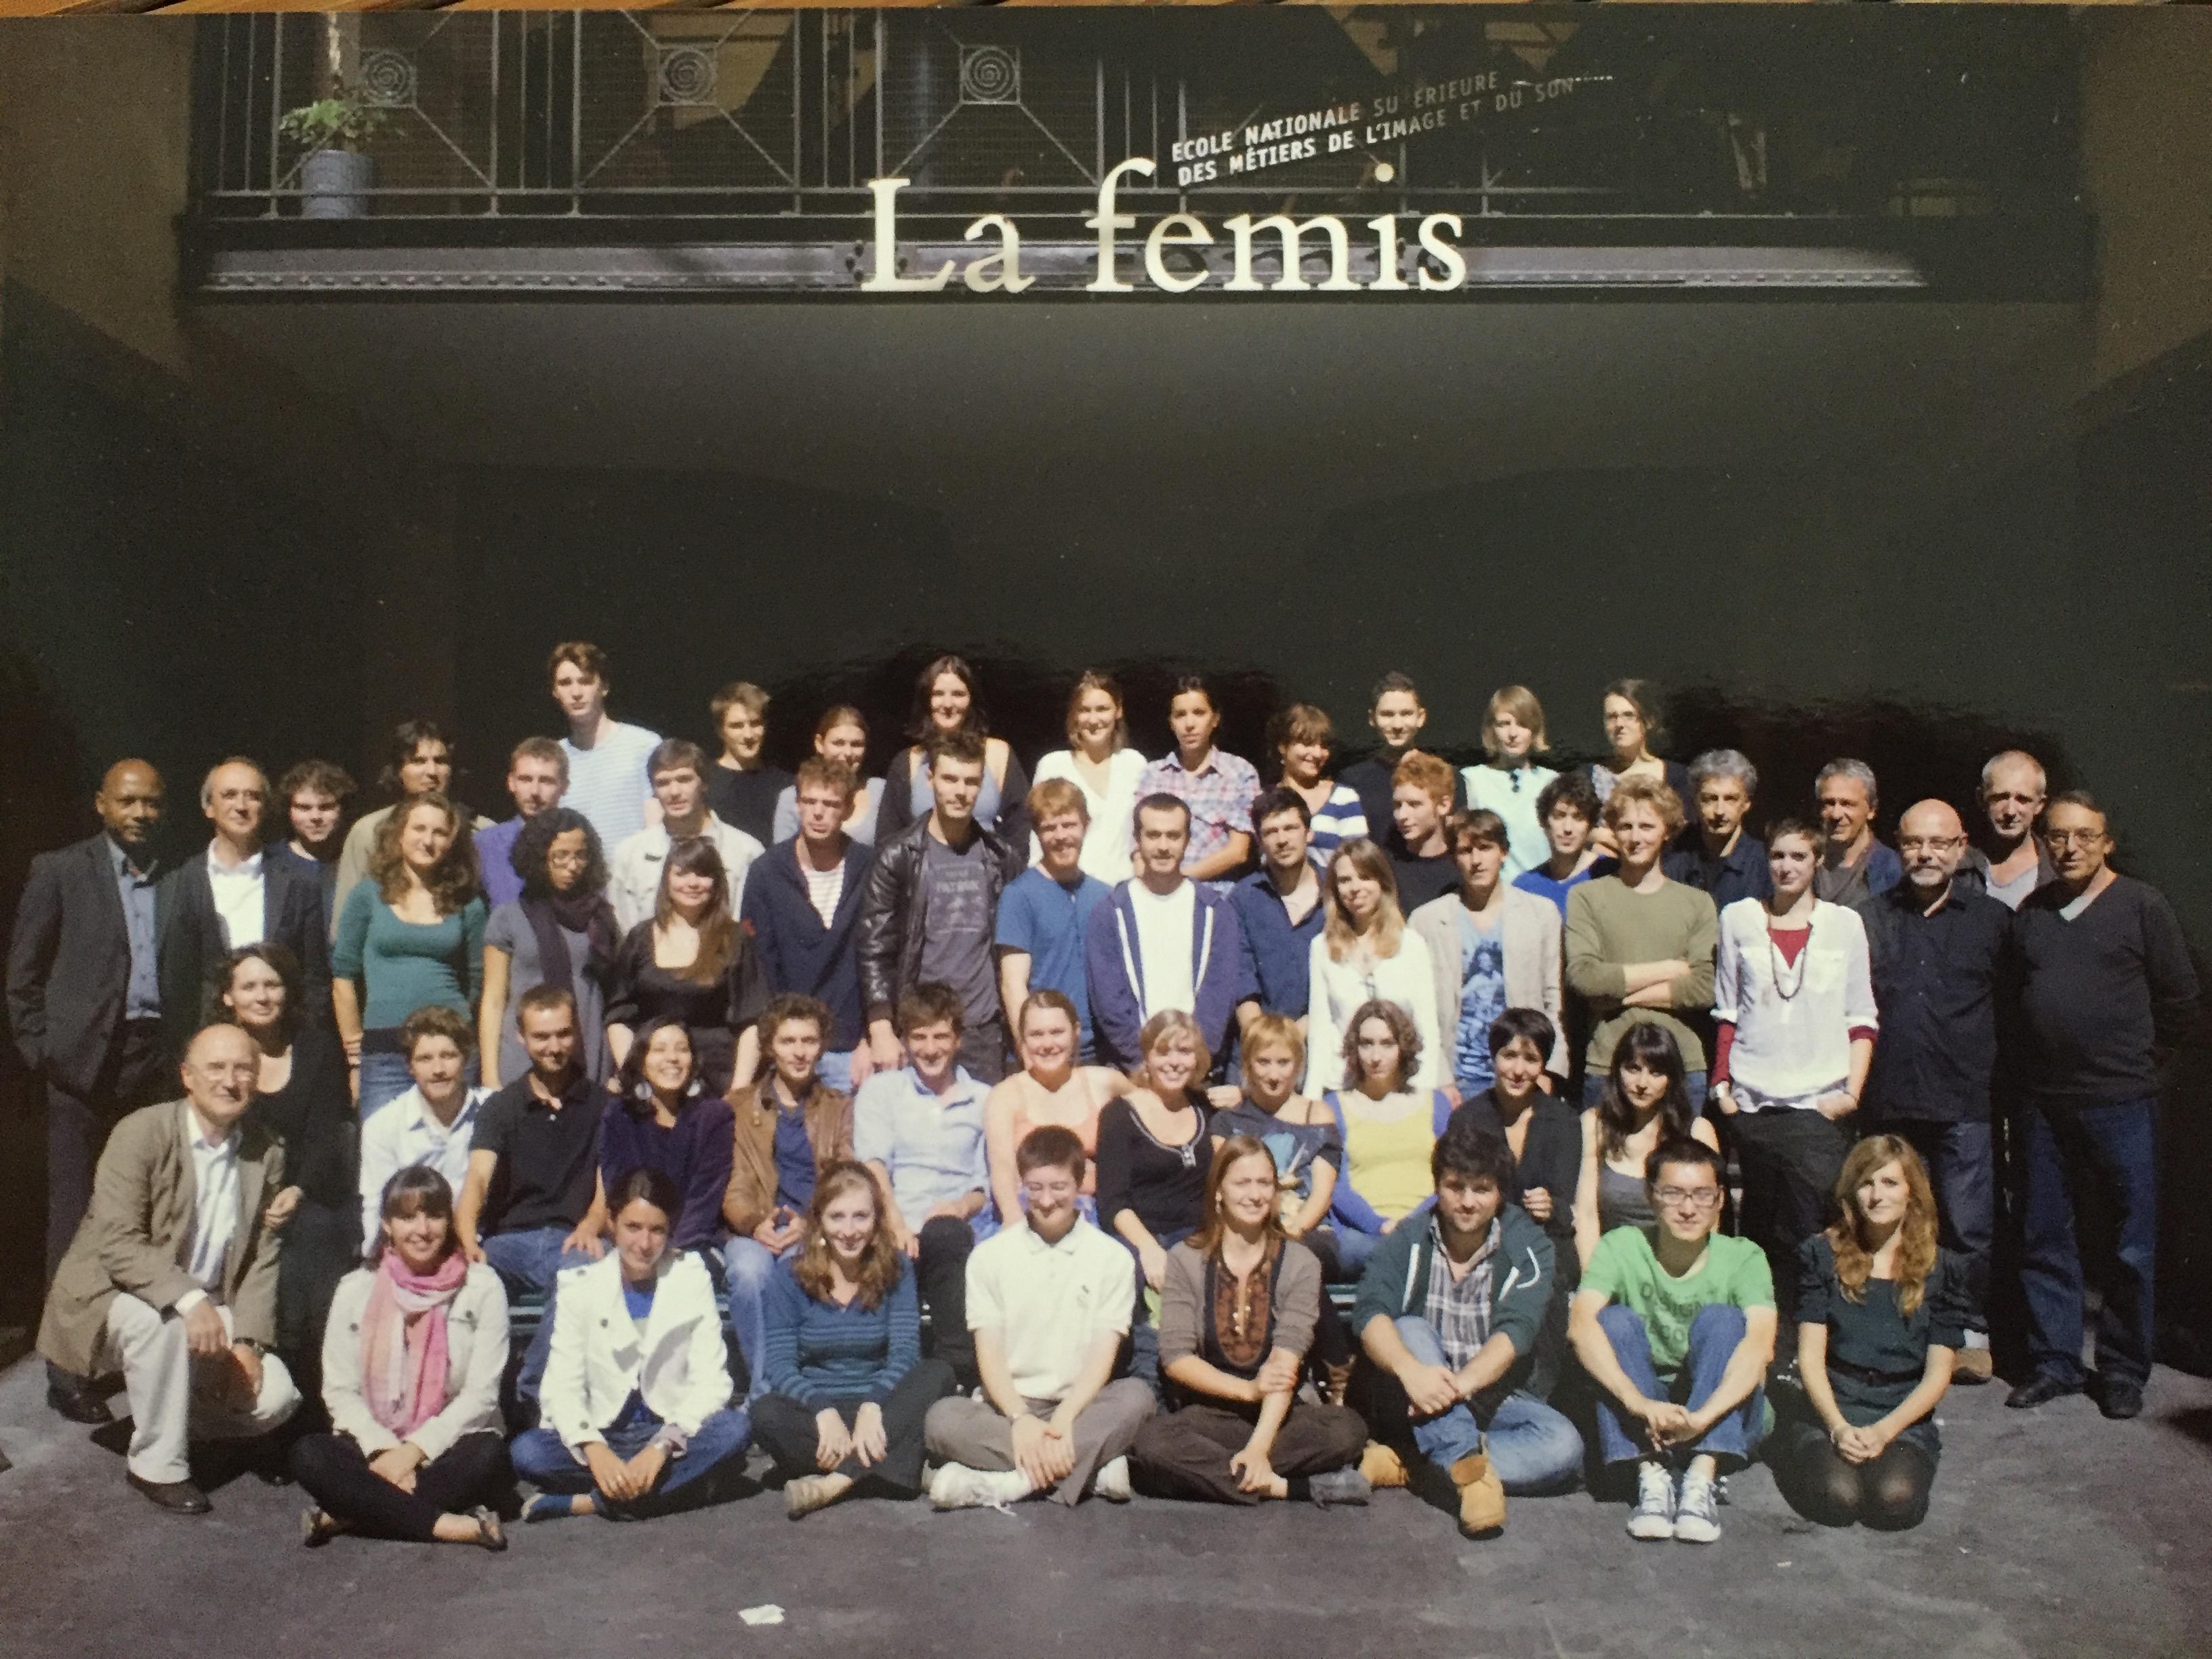 法国电影学院入学照片.JPG